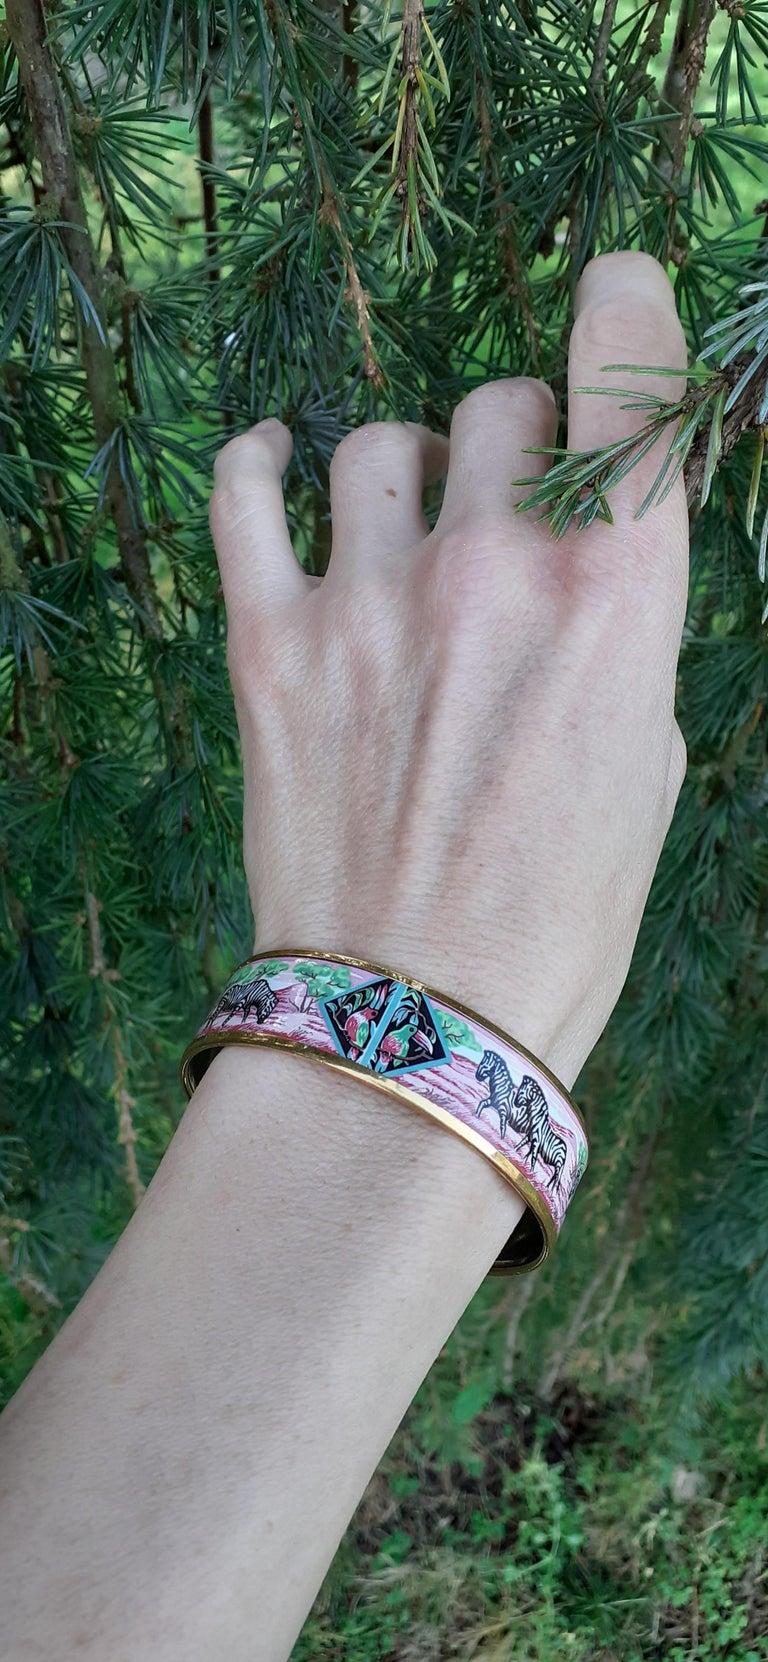 Hermès Enamel Bracelet Zebras Toucans Tropiques Pink Ghw Large Width Size 65 For Sale 7